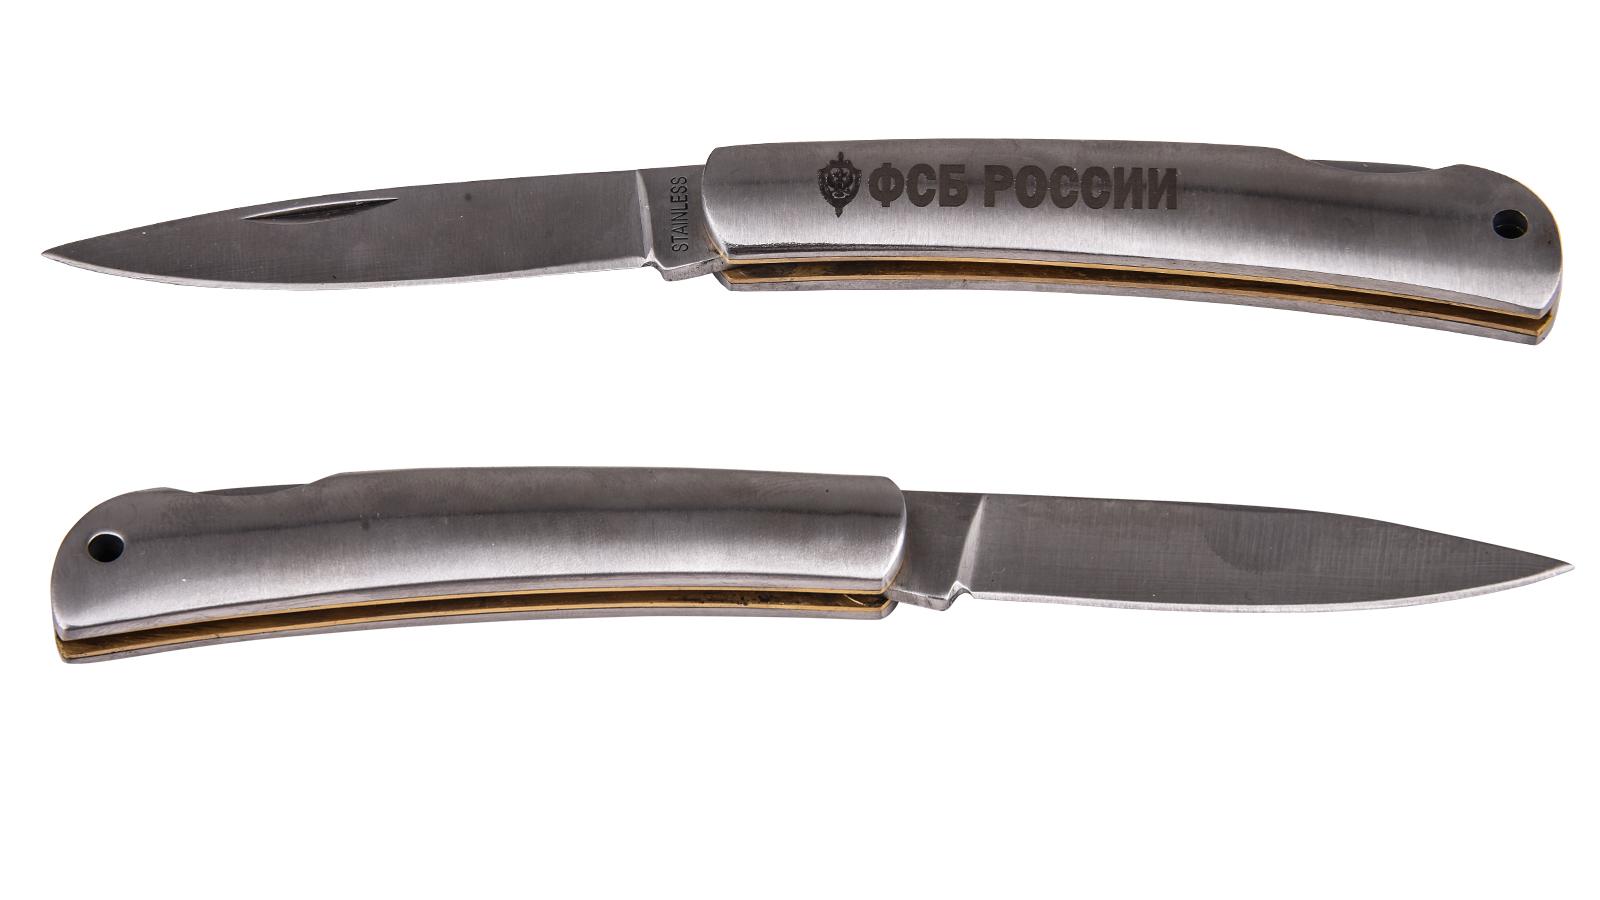 Эксклюзивный нож ФСБ России с авторской гравировкой